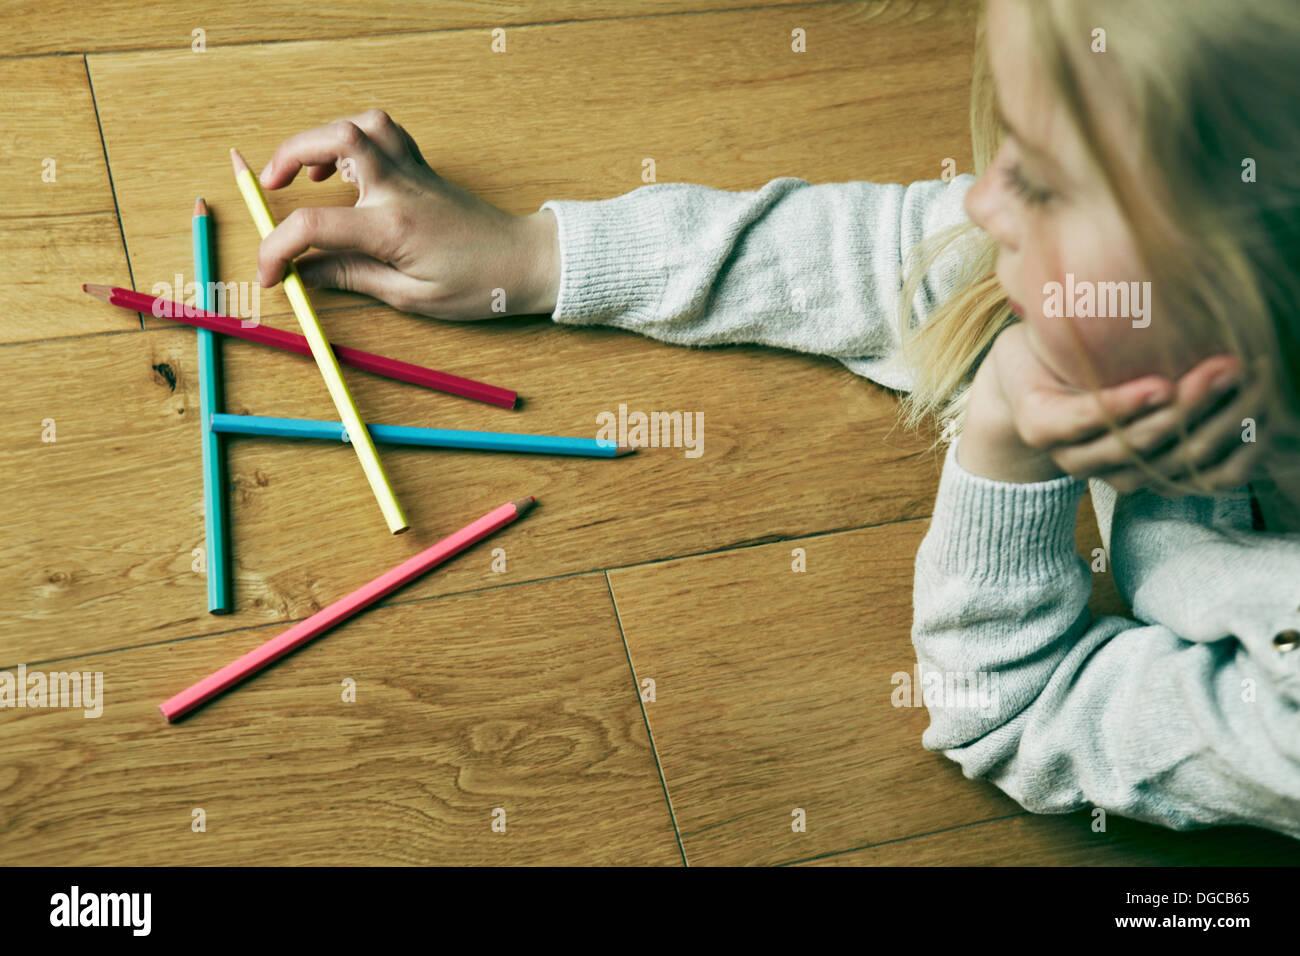 Junges Mädchen auf Boden betrachten Buntstifte Stockbild